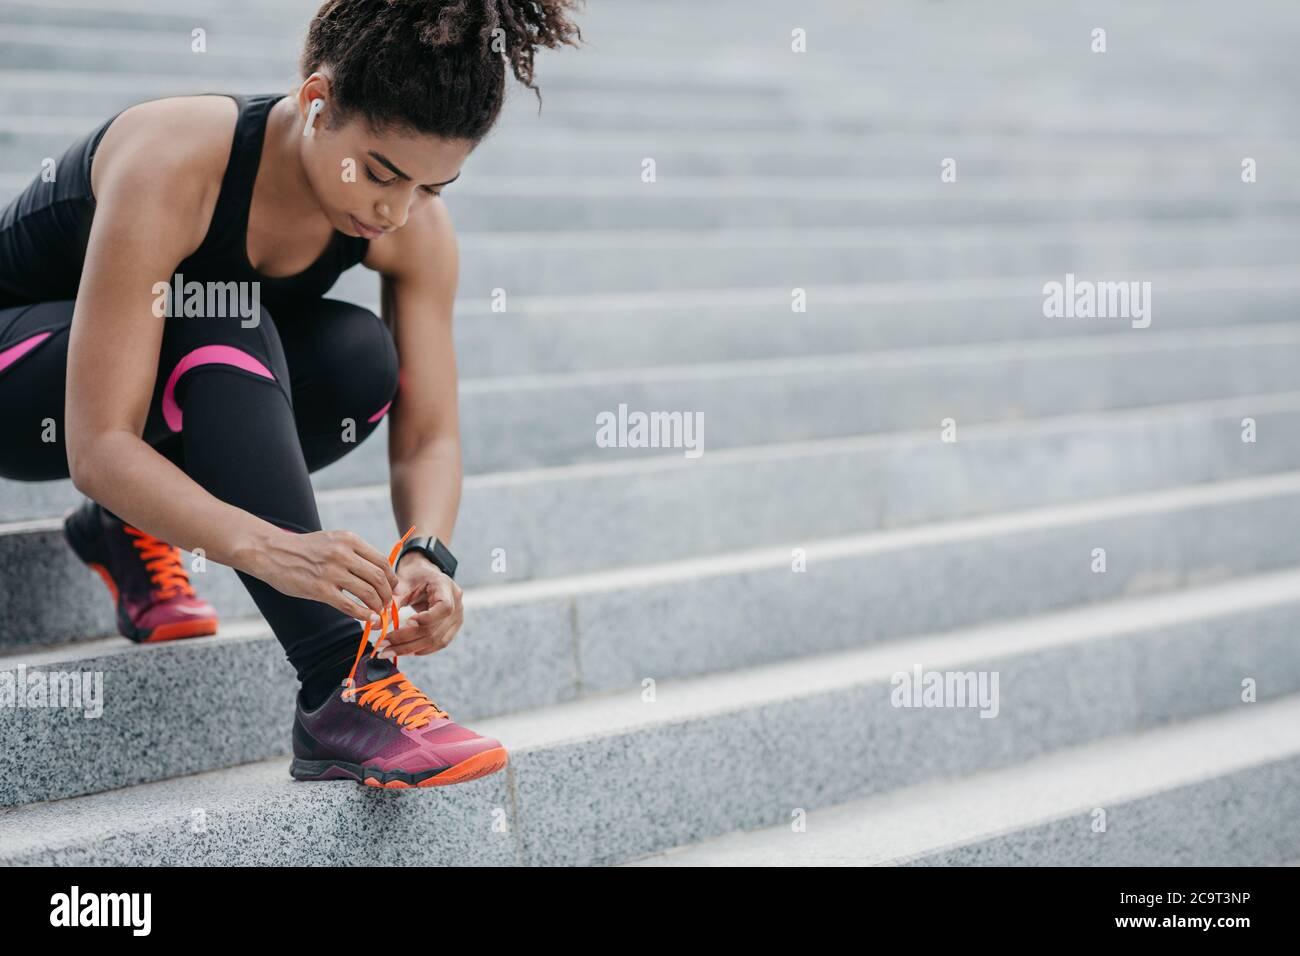 Läufer, die sich auf das Training vorbereiten. Afroamerikanische Mädchen mit kabellosen Kopfhörern und Fitness-Tracker binden Schnürsenkel auf Turnschuhe Stockfoto